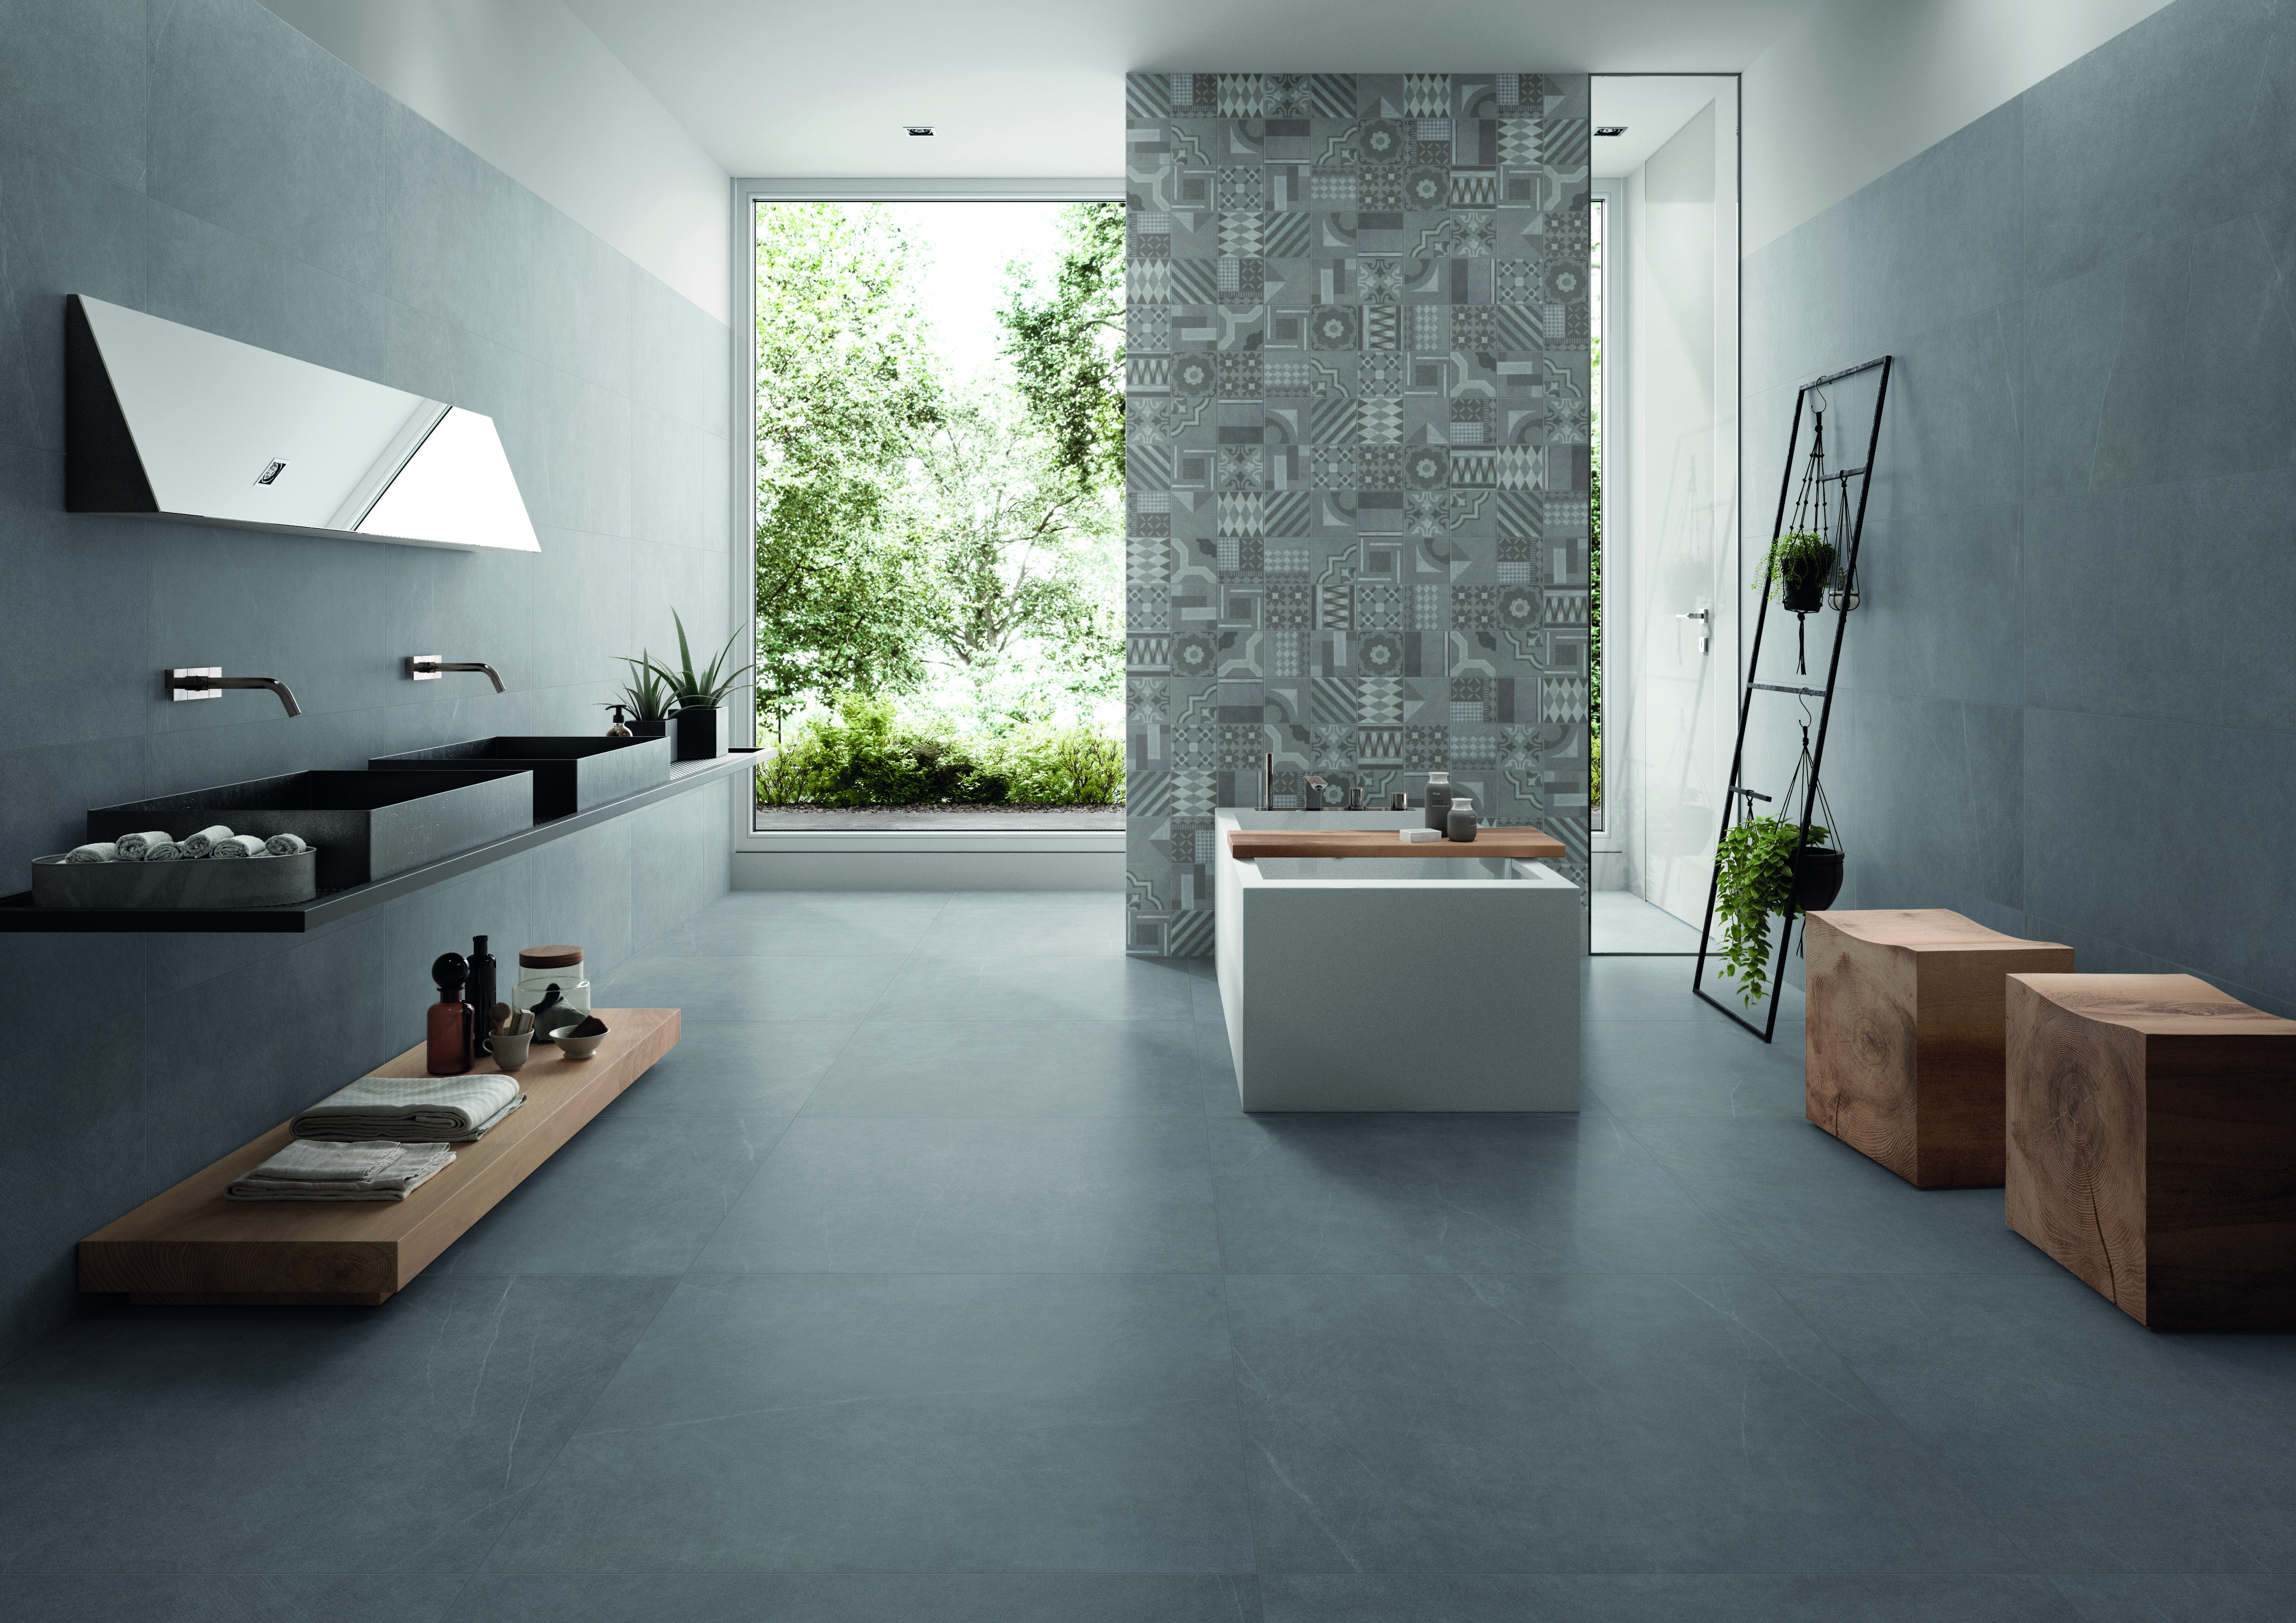 Badezimmer In Steinoptik   Moderne Fliesen Www.franke Raumwert.de    Messeneuheit #Fliesen #Bad #Badezimmer #Gästebad #GästeWC #Wohnzimmer  #Esszimmer #Diele ...